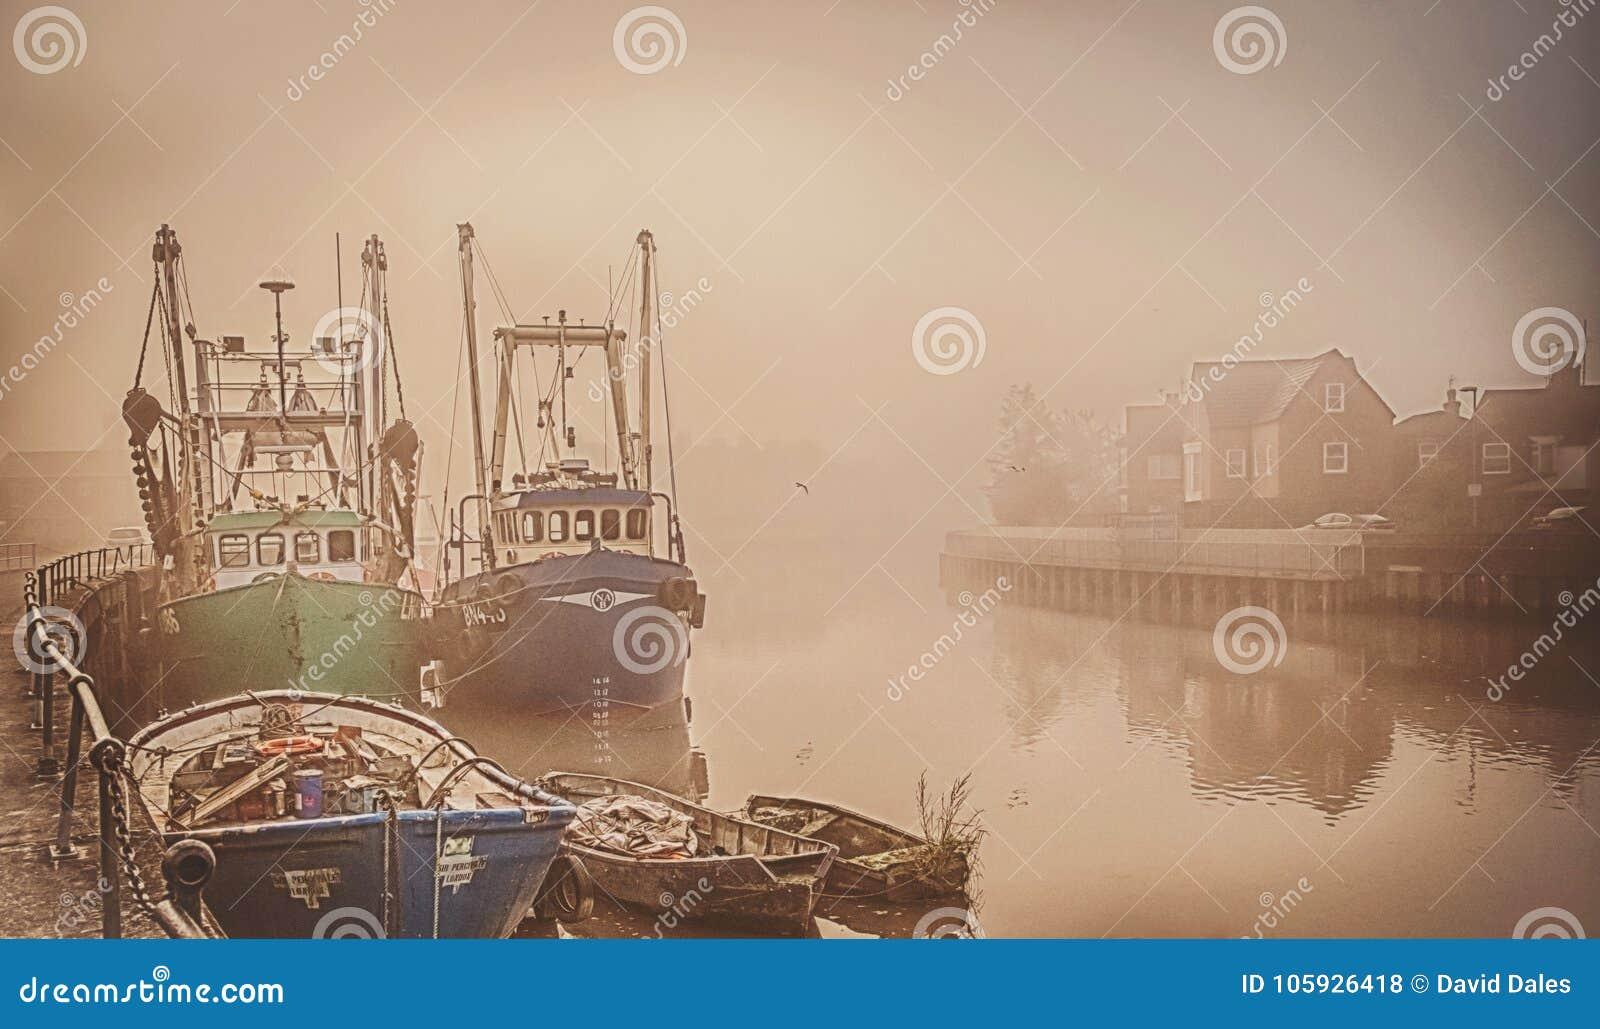 Boote auf einem nebeligen Fluss